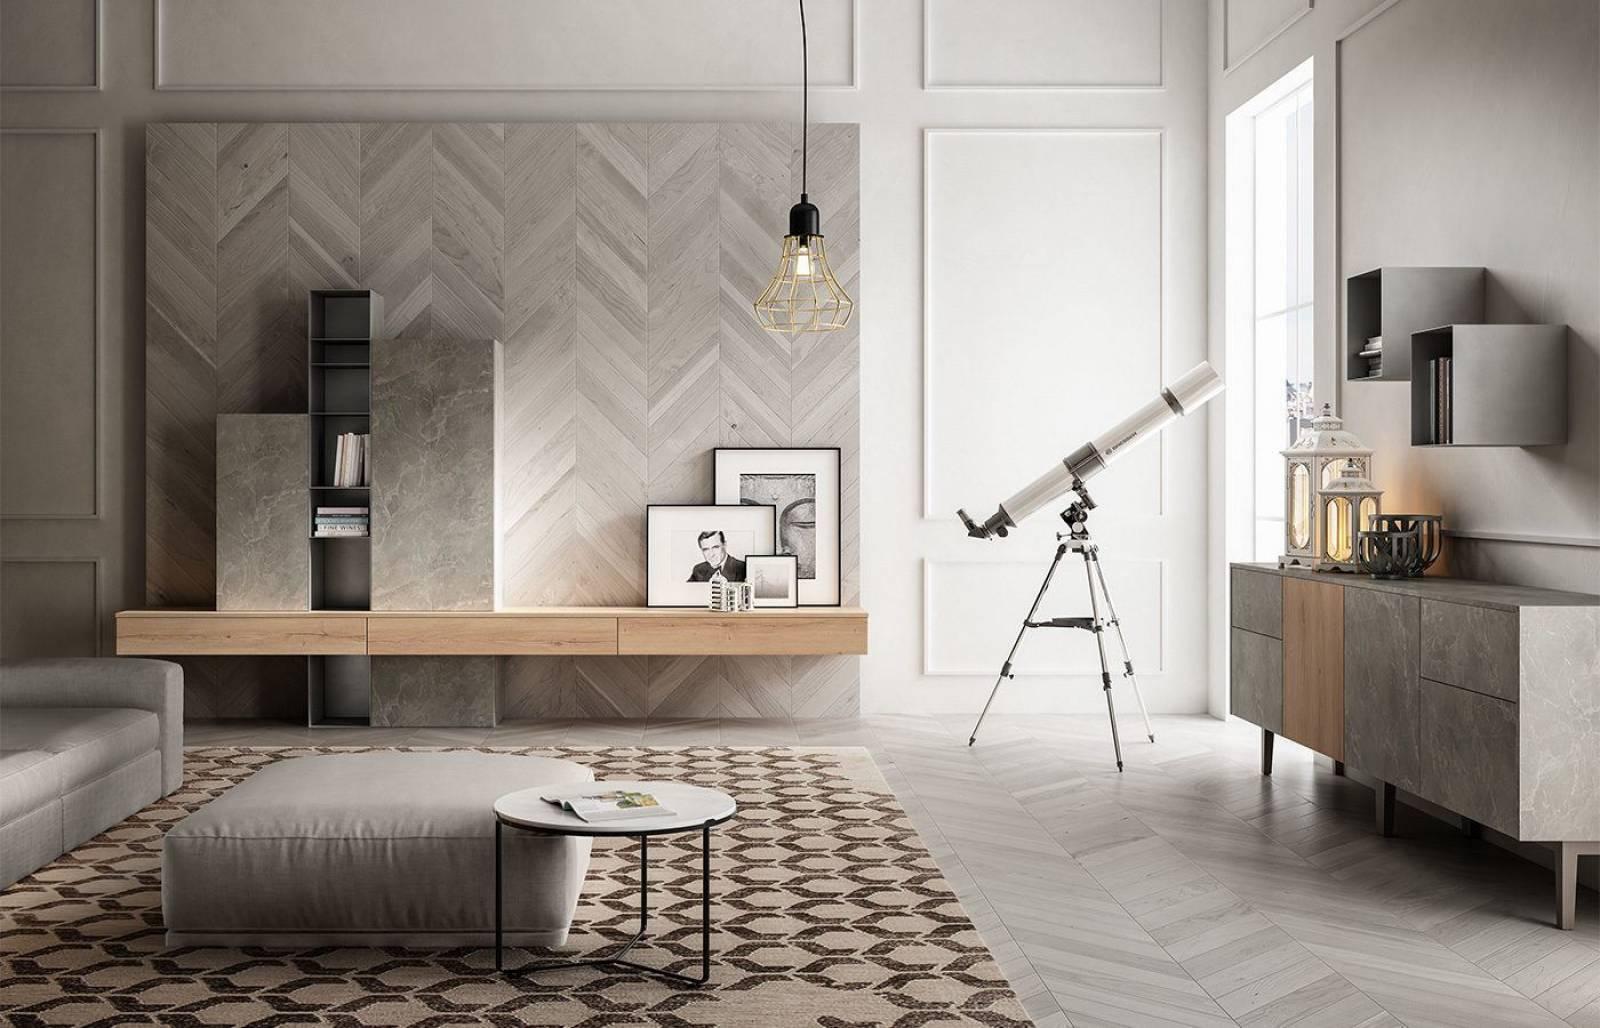 Meuble Sur Mesure Bordeaux meubles de rangement en pierre grise allié avec le bois